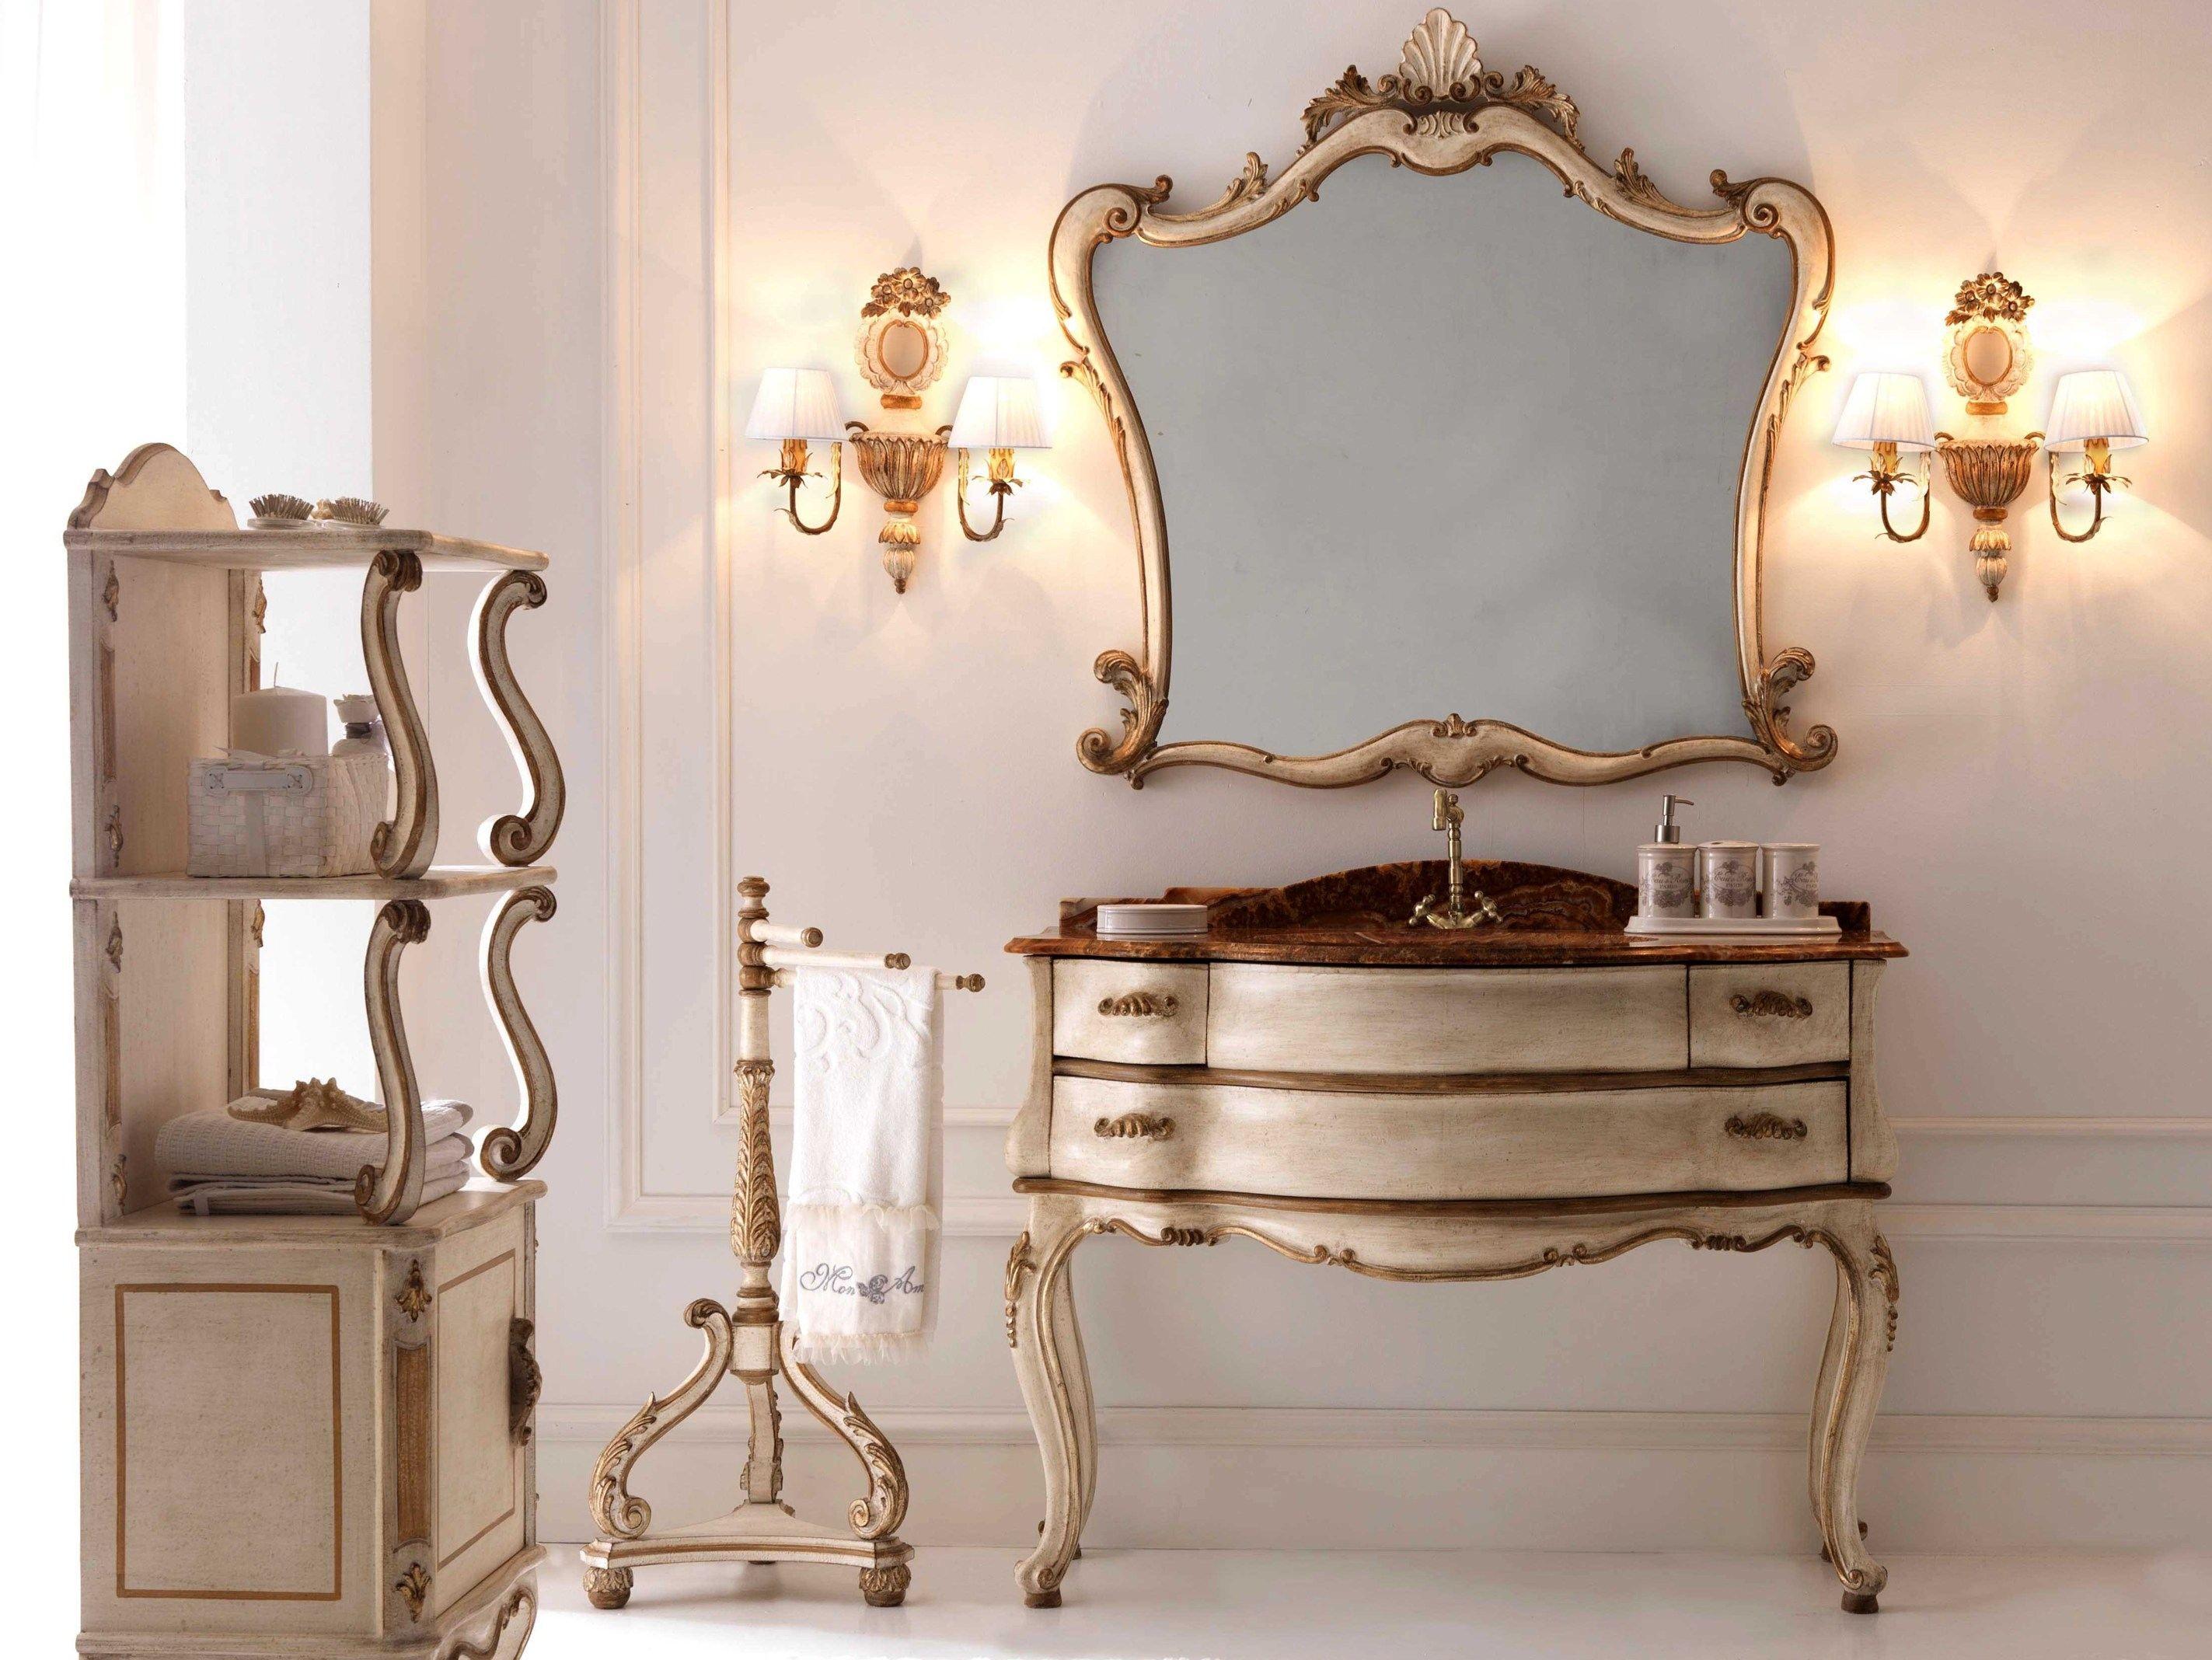 Bagno mobili classico : mobili bagno classico prezzi. mobili ...